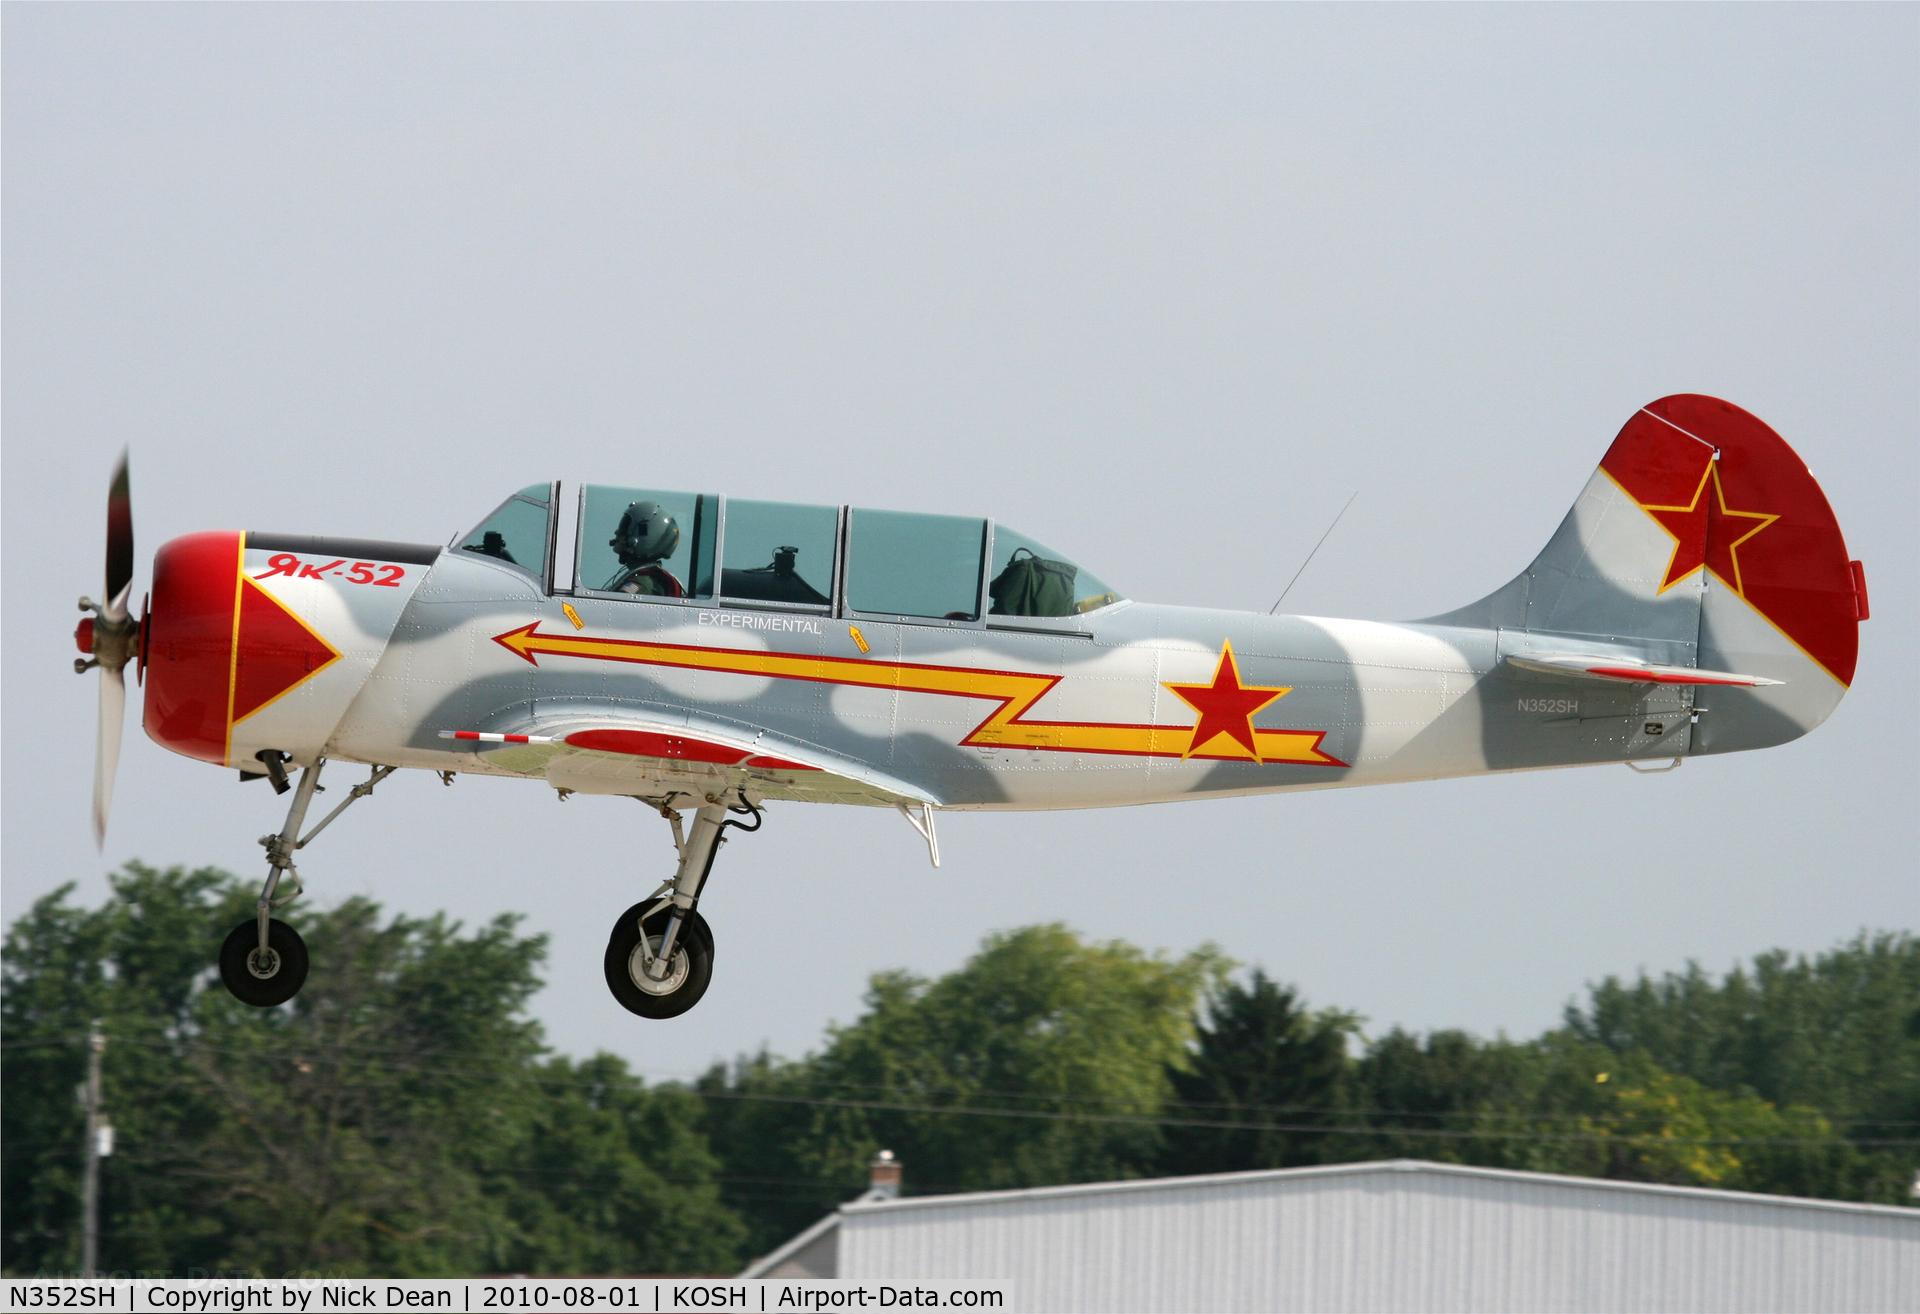 N352SH, 1985 Yakovlev (Aerostar) YAK-52 C/N 855704, KOSH